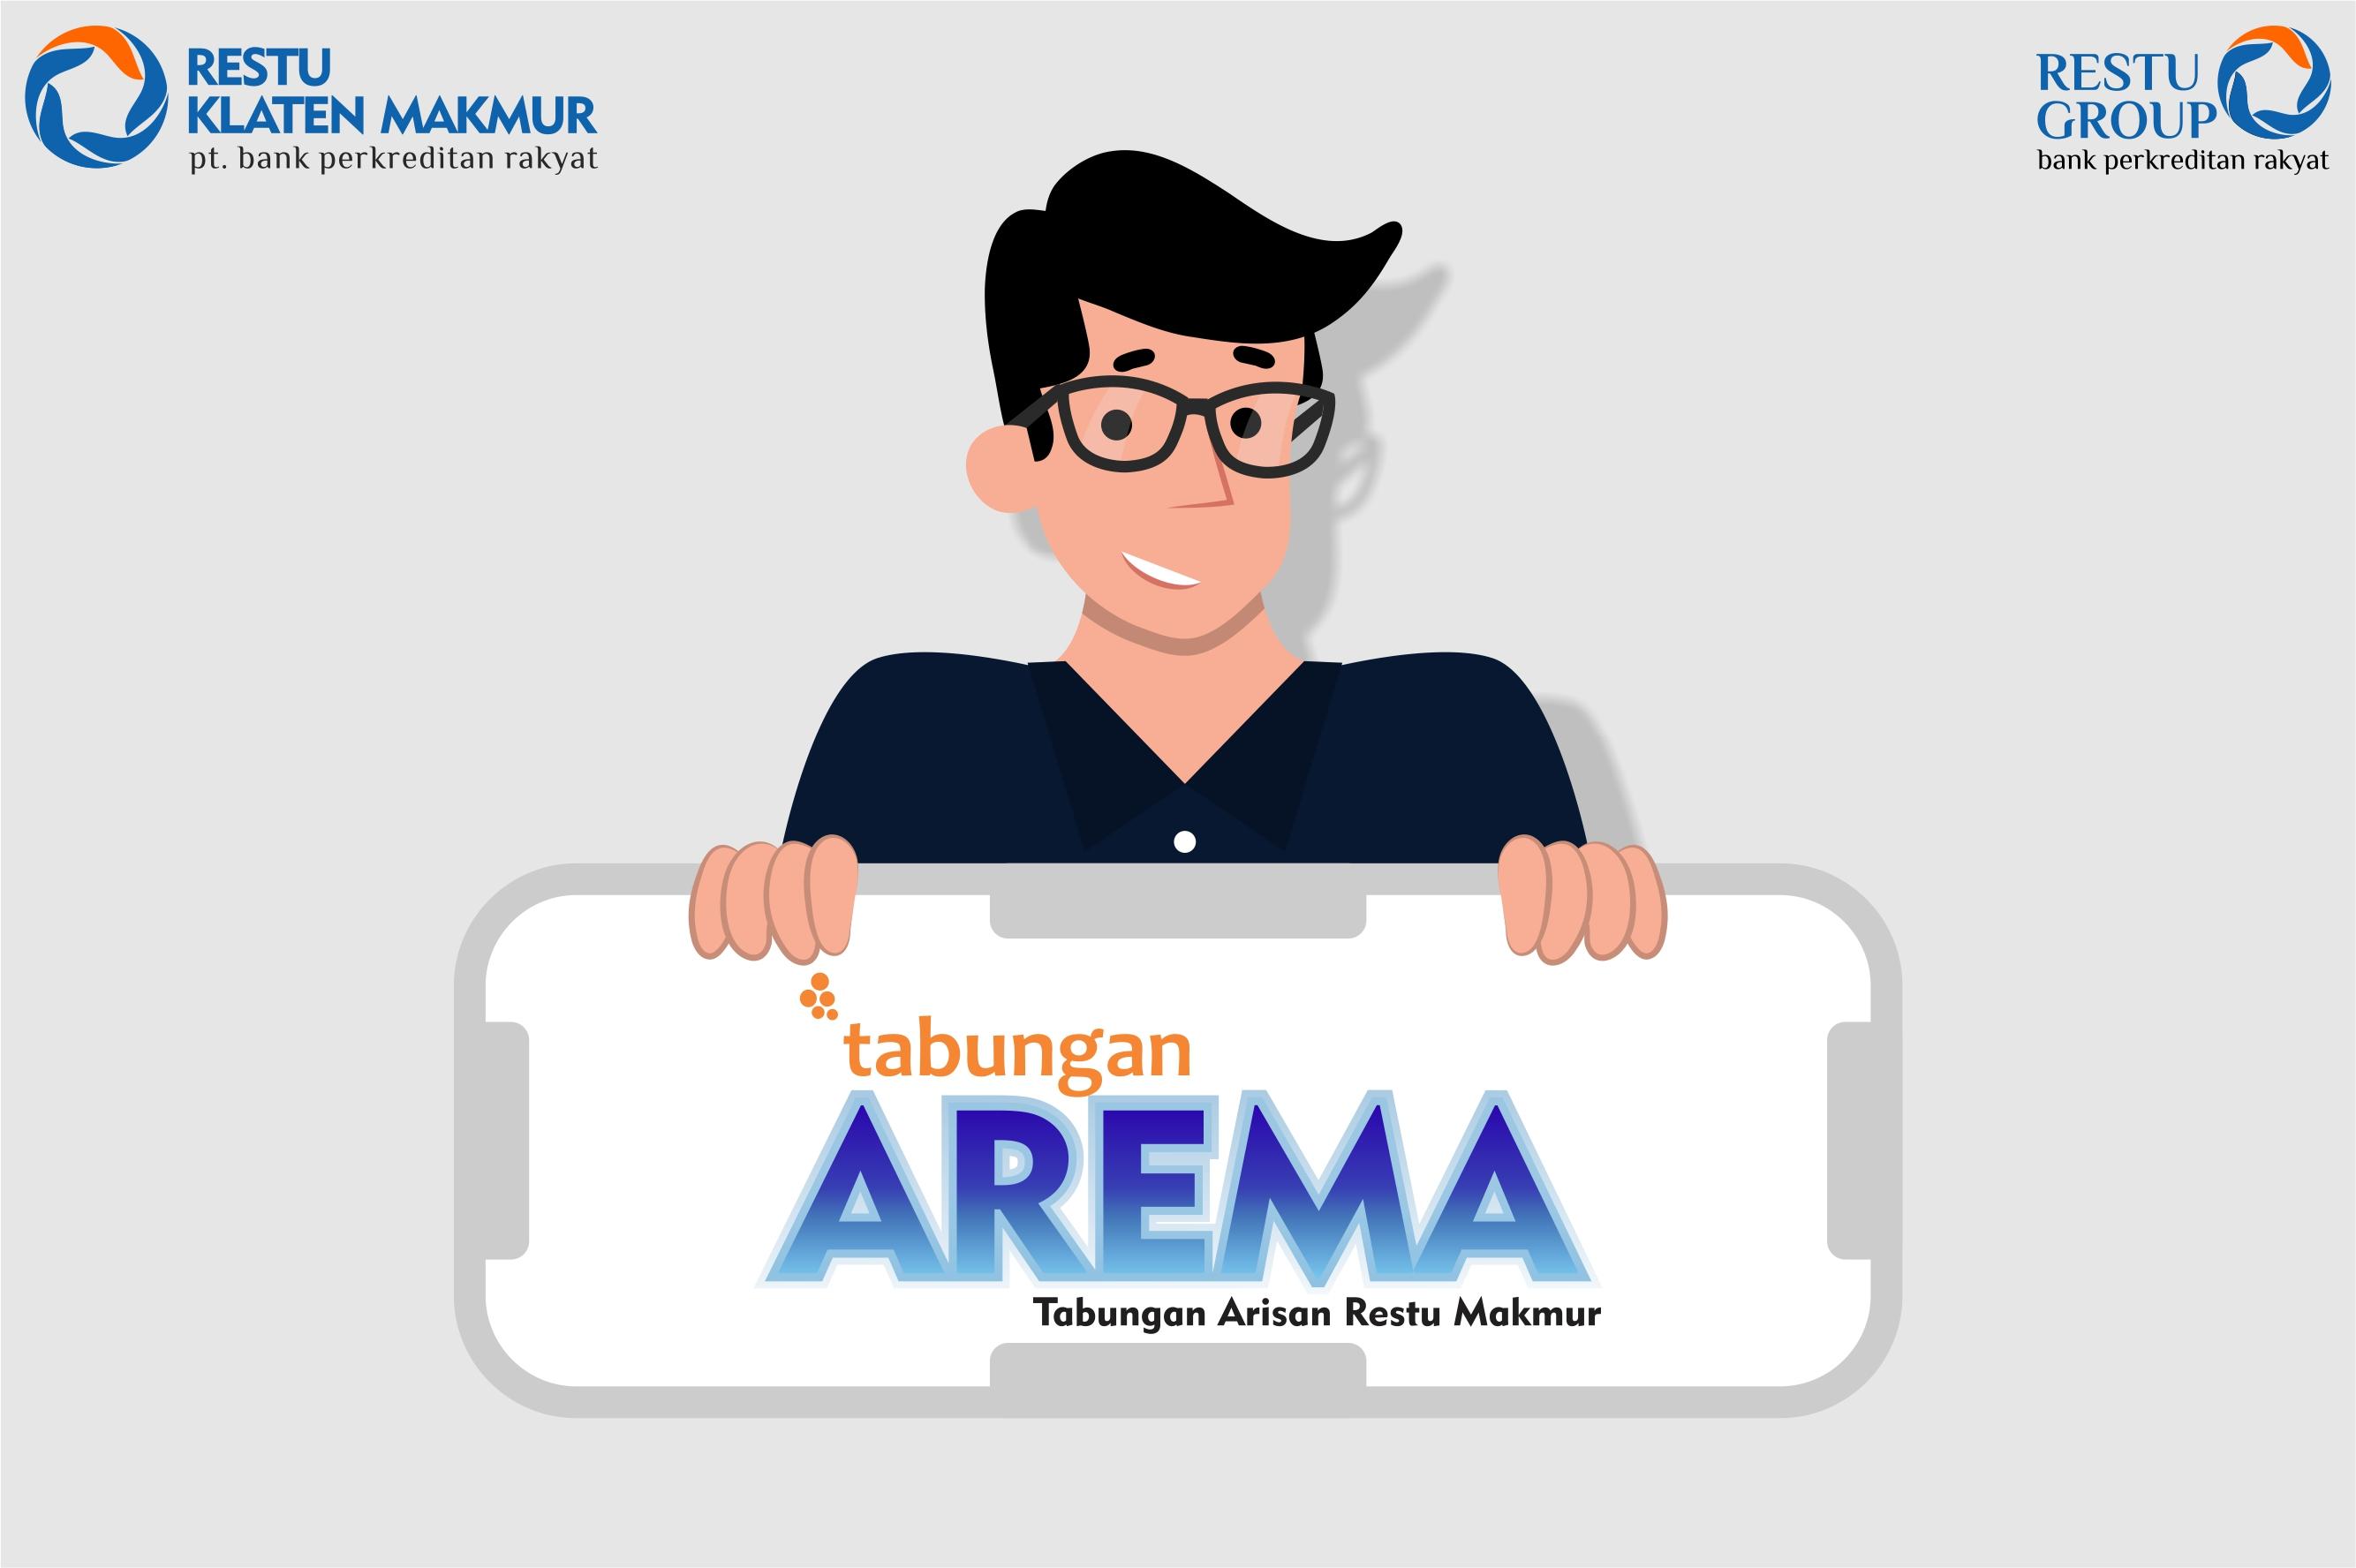 Tabungan Arema